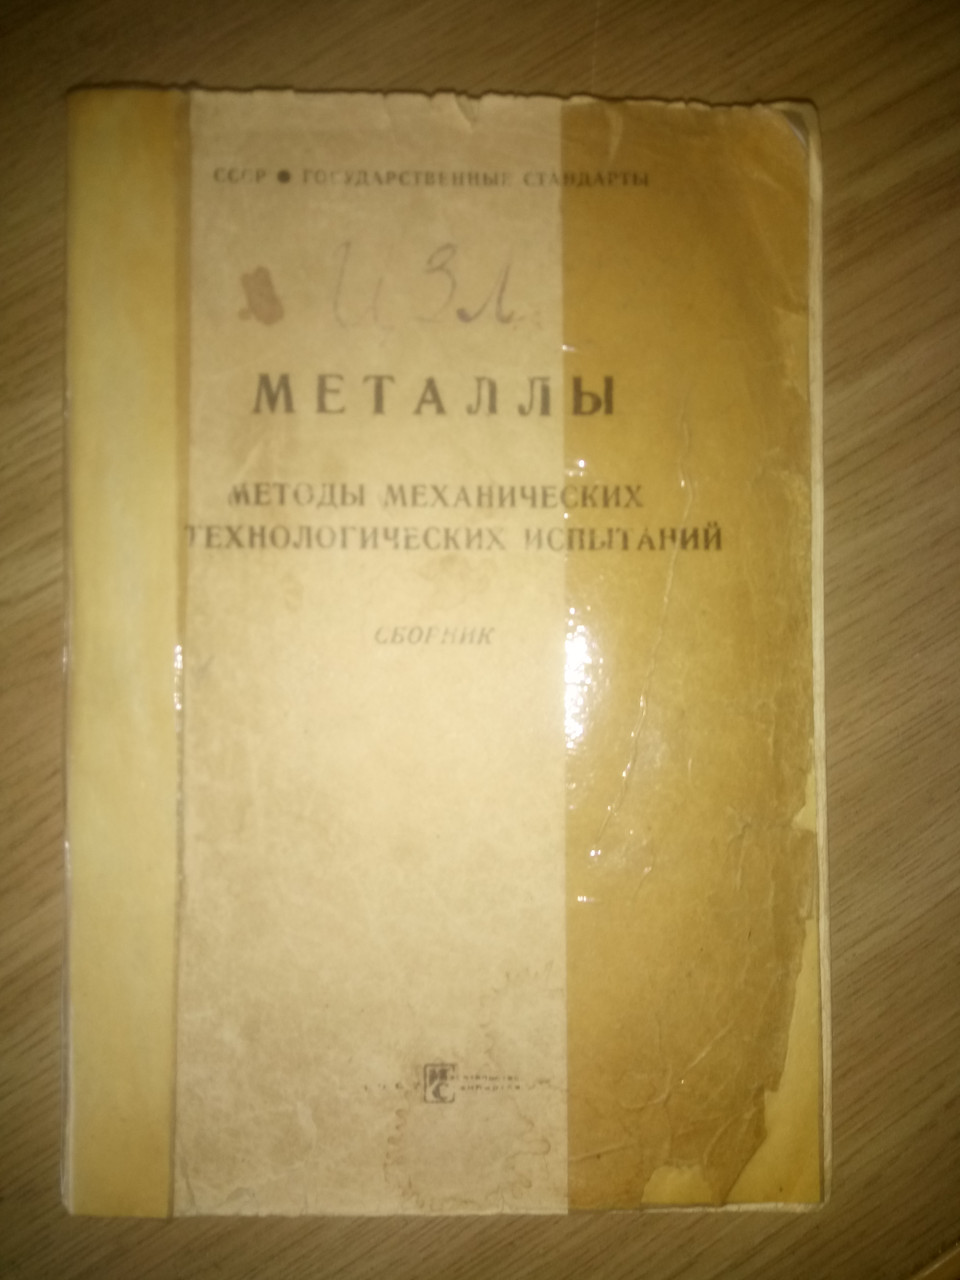 Металлы. Методы механических технологических испытаний